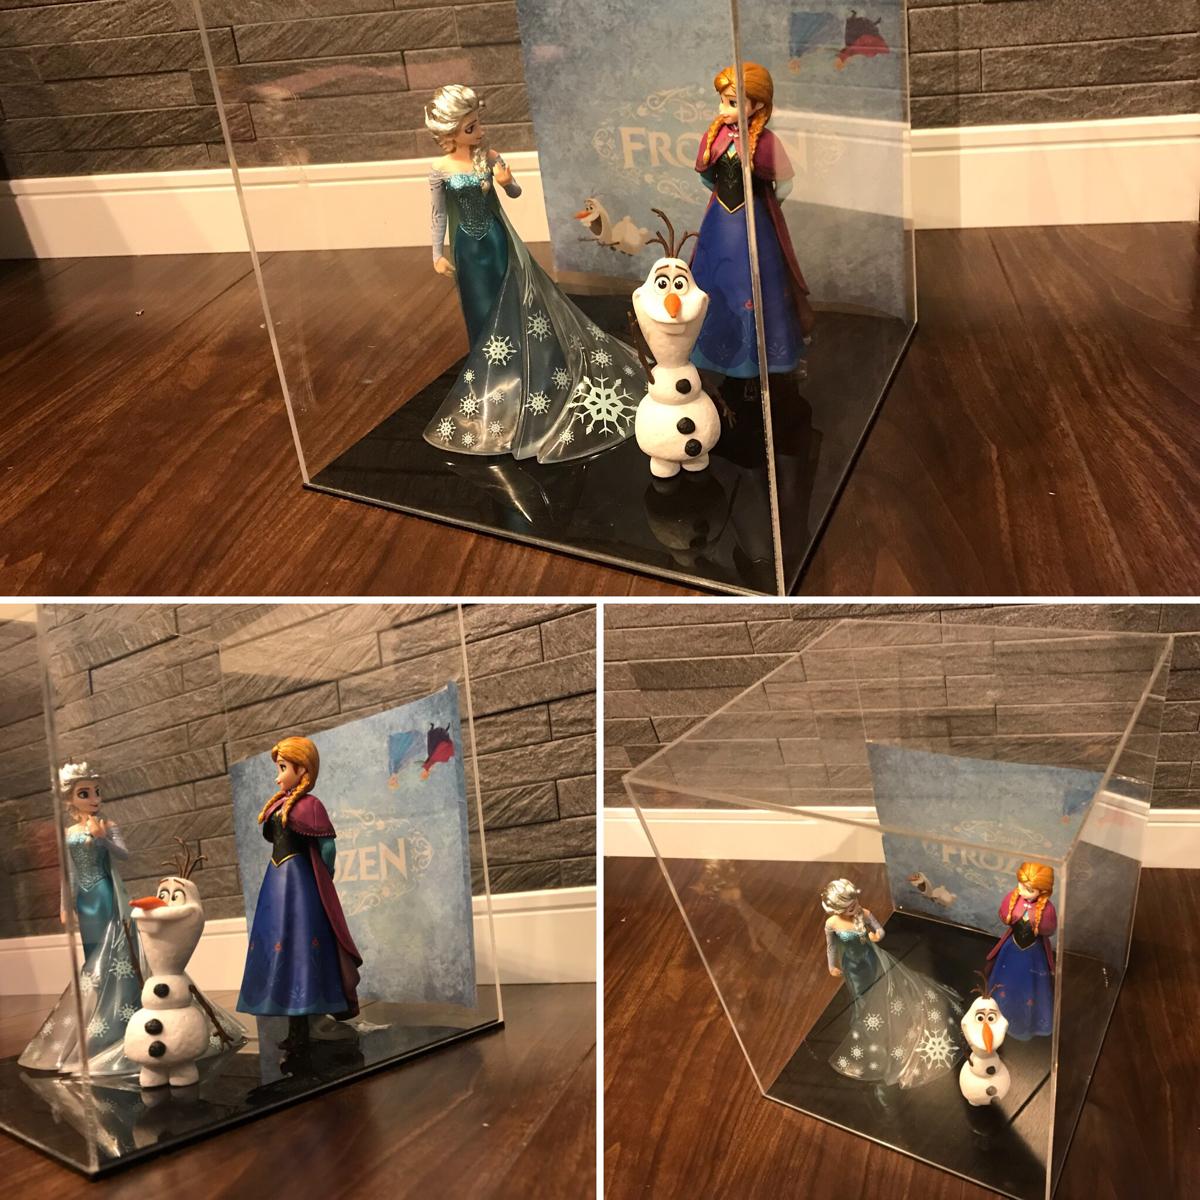 ☆フィギュアーツZERO Frozen Special Box☆アナと雪の女王☆エルサ アナ オラフ Disney☆ケース付き ディズニーグッズの画像